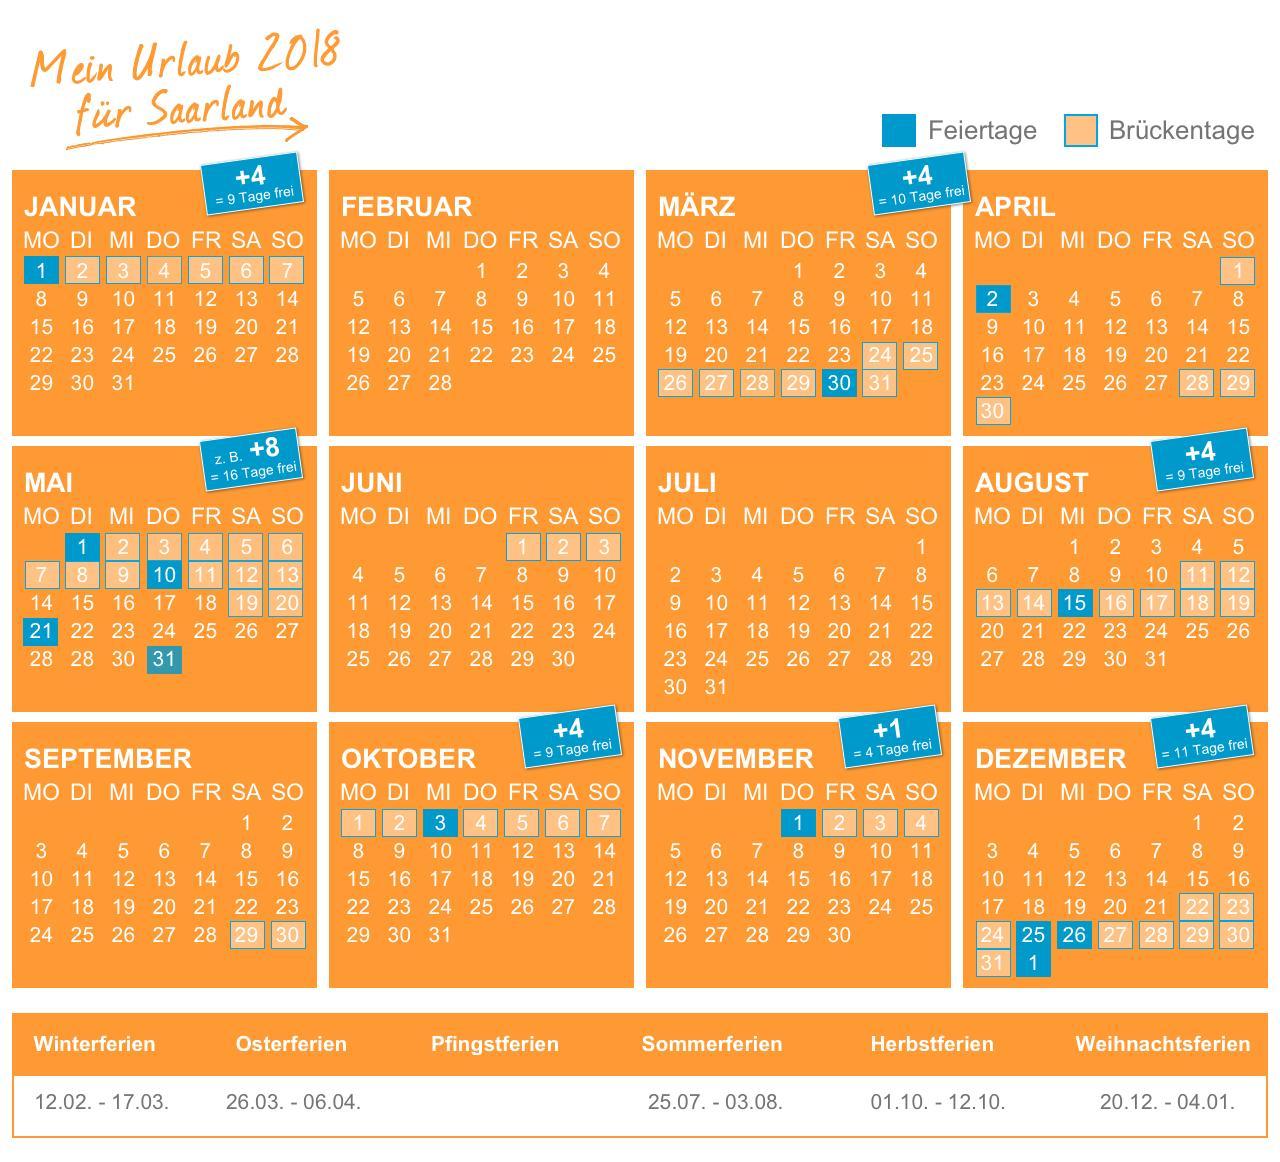 urlaubsplaner-brueckentagsplaner-ferien-feiertage-saarland